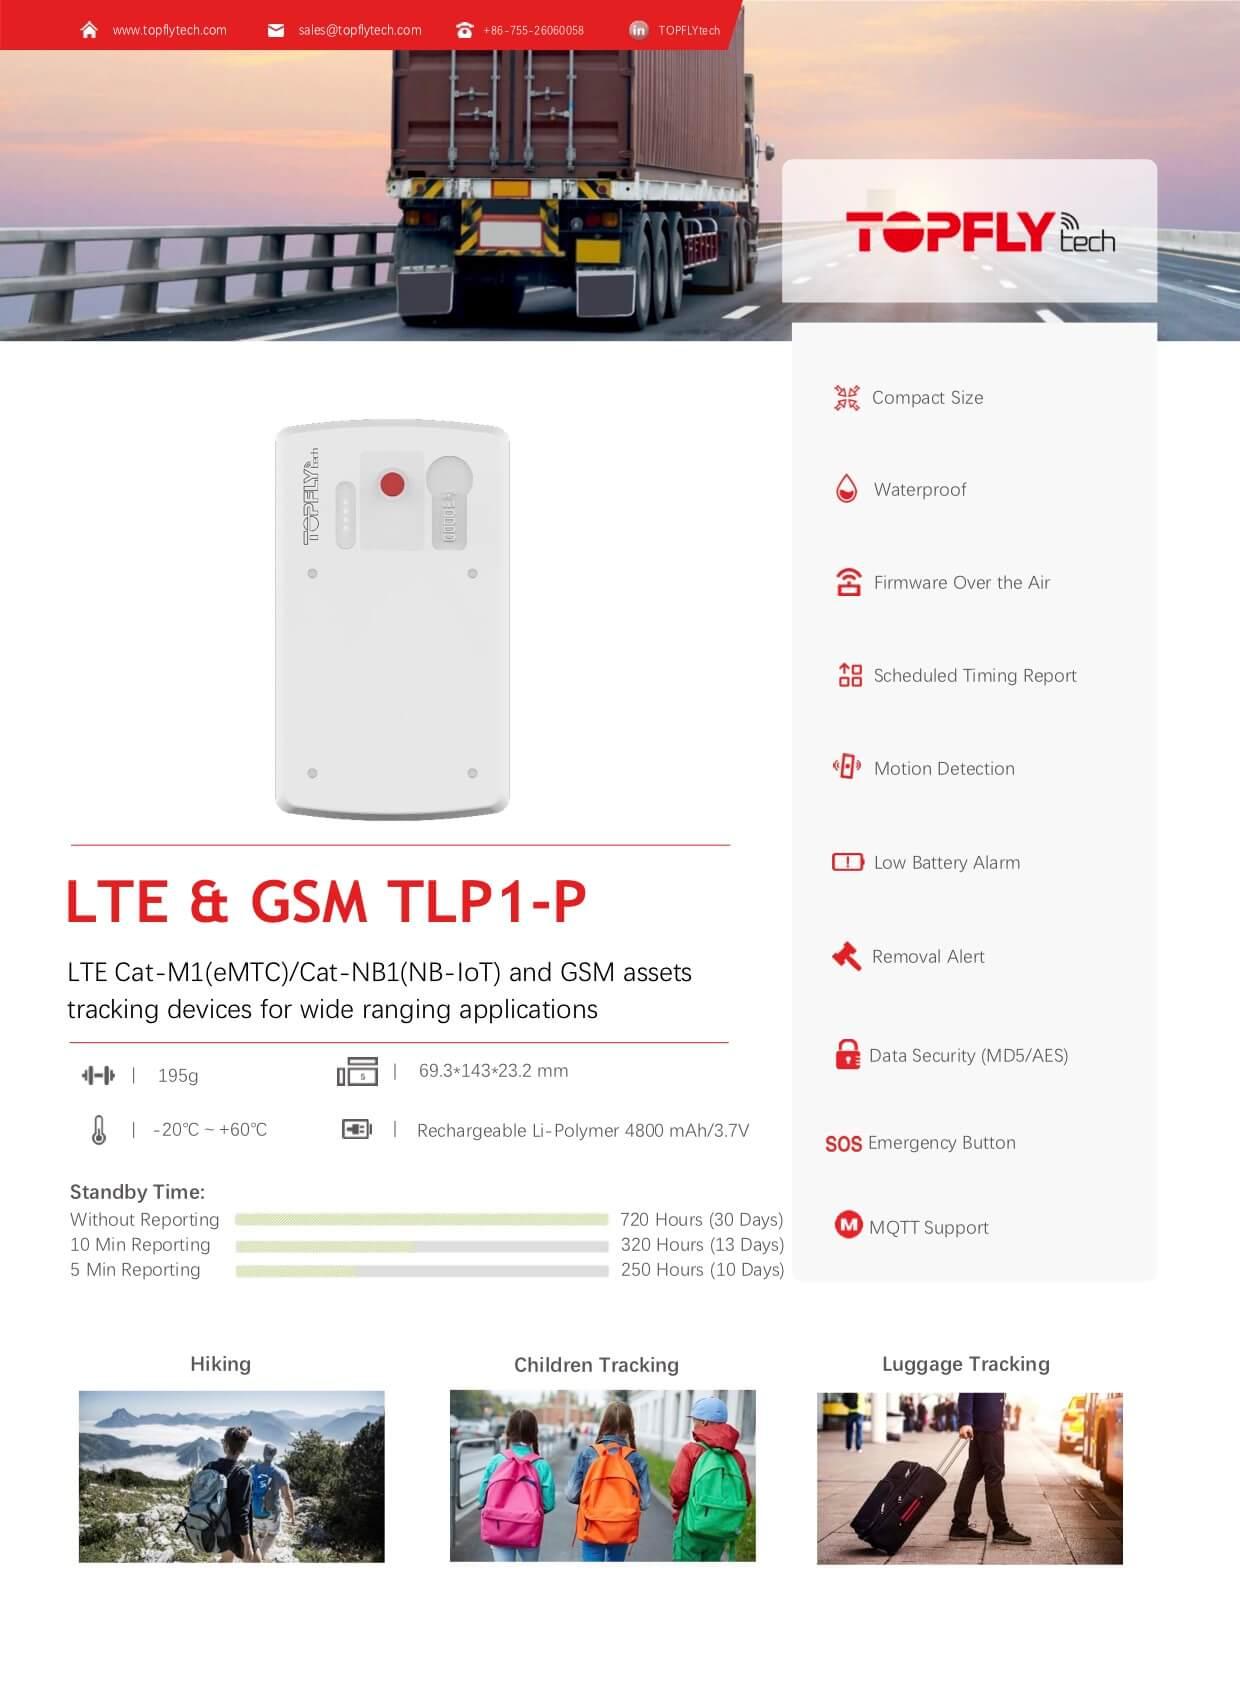 TLP1-P (4G LTE)